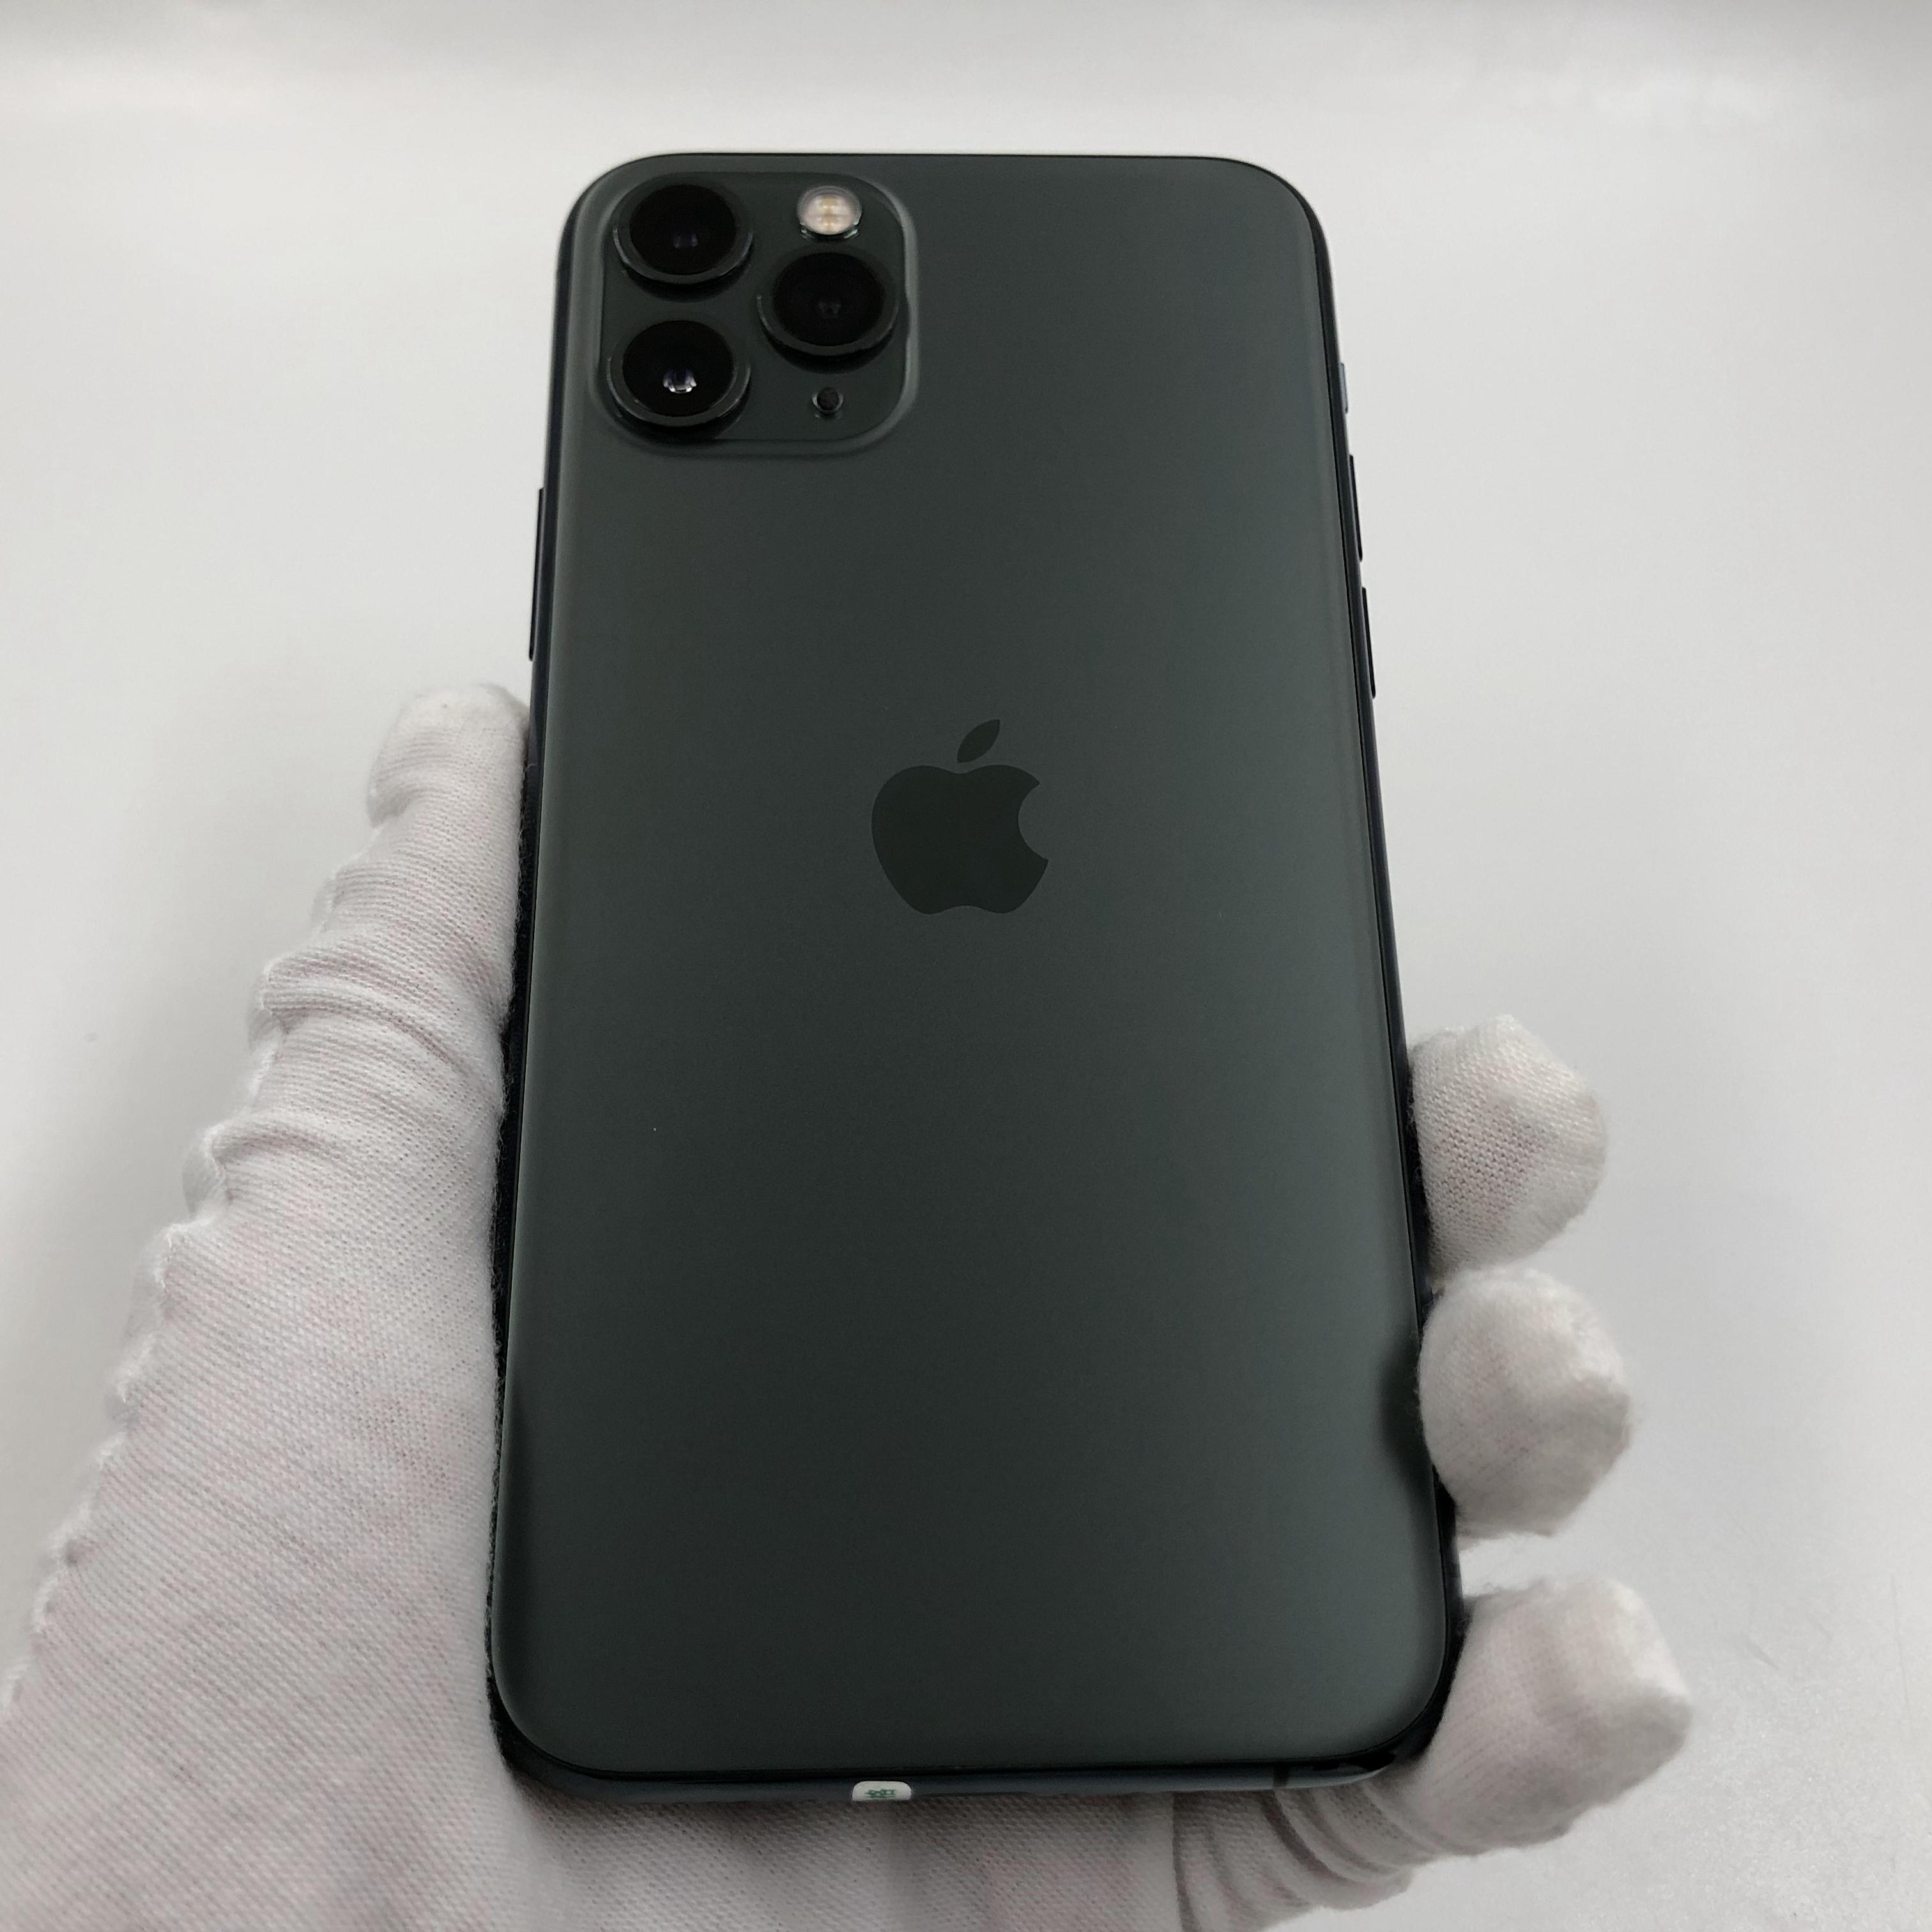 苹果【iPhone 11 Pro】4G全网通 暗夜绿色 64G 国行 95新 真机实拍